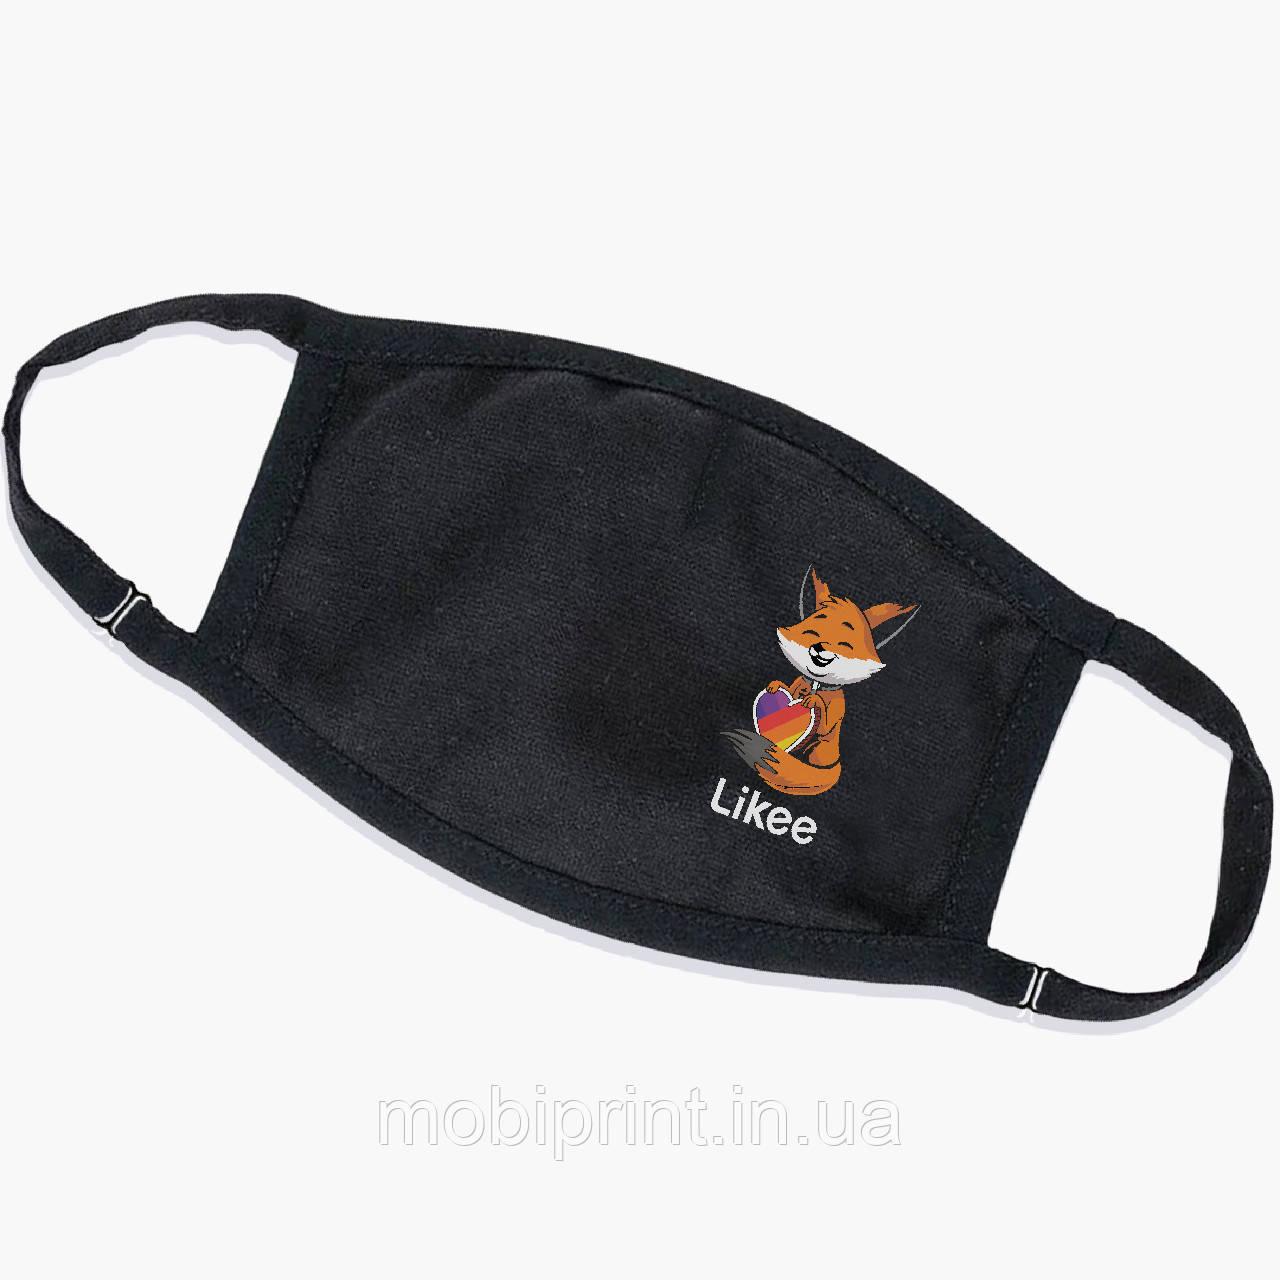 Багаторазова маска Лайк Лисичка (Likee Fox) (9259-1033) тканинна для дітей і дорослих захисна